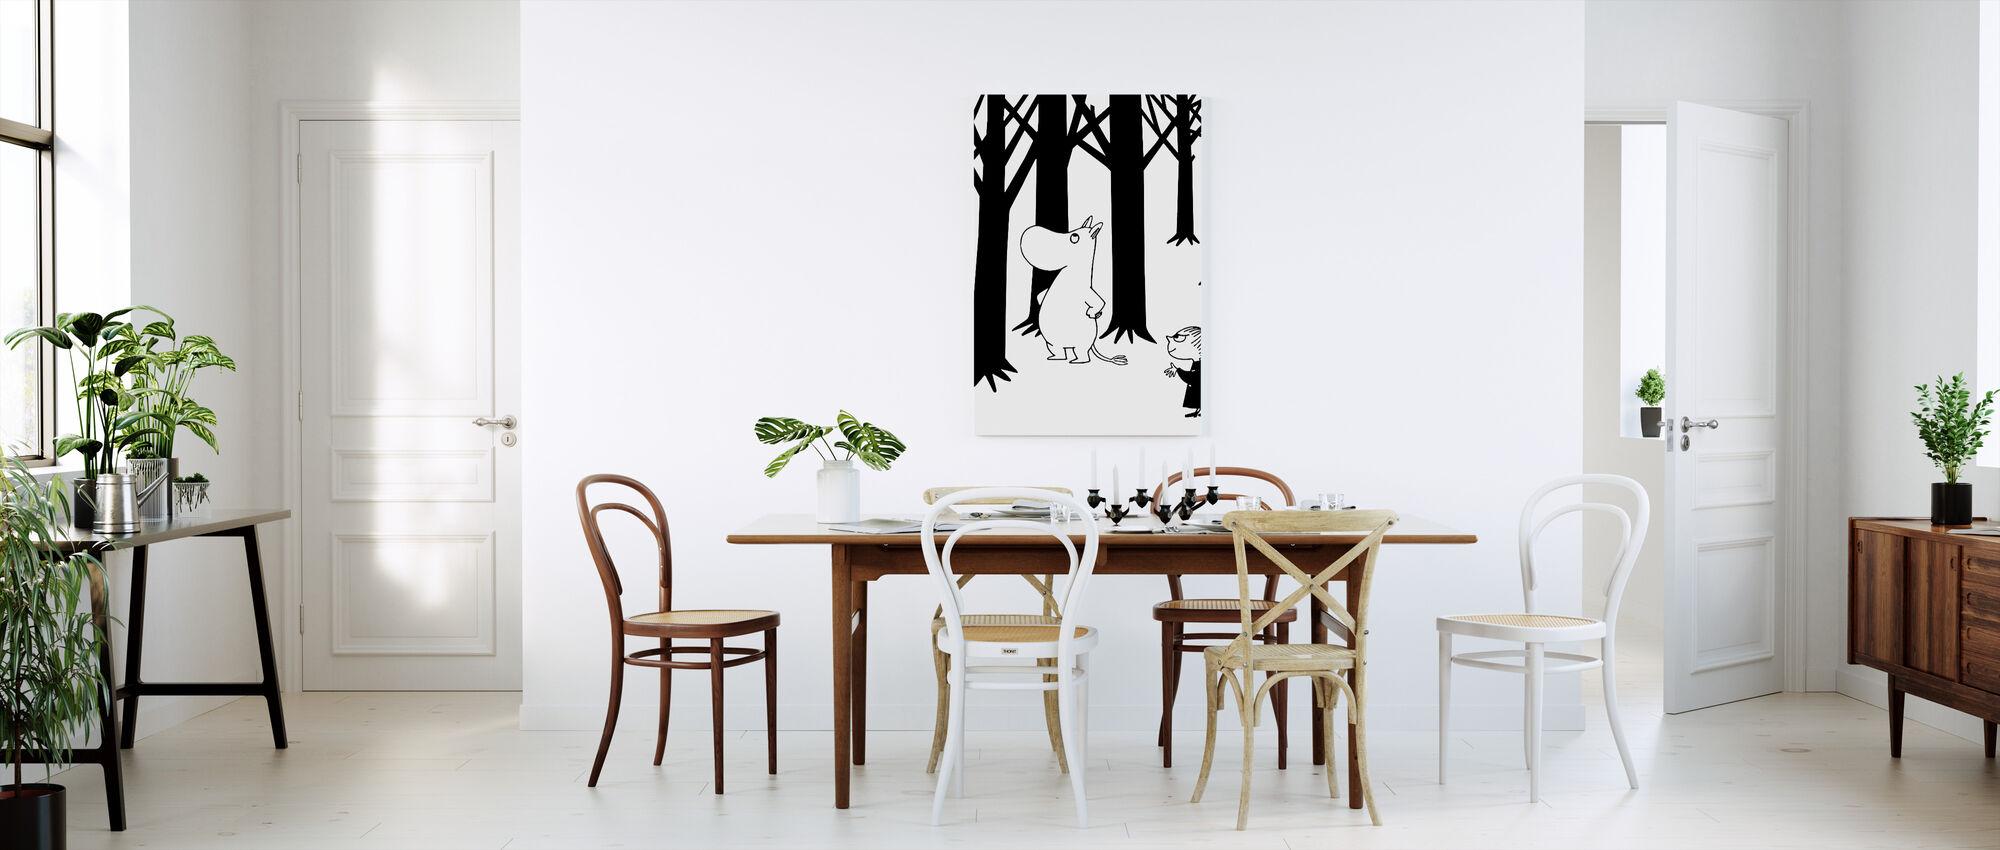 Mumin og Lille My i en skov - Billede på lærred - Køkken